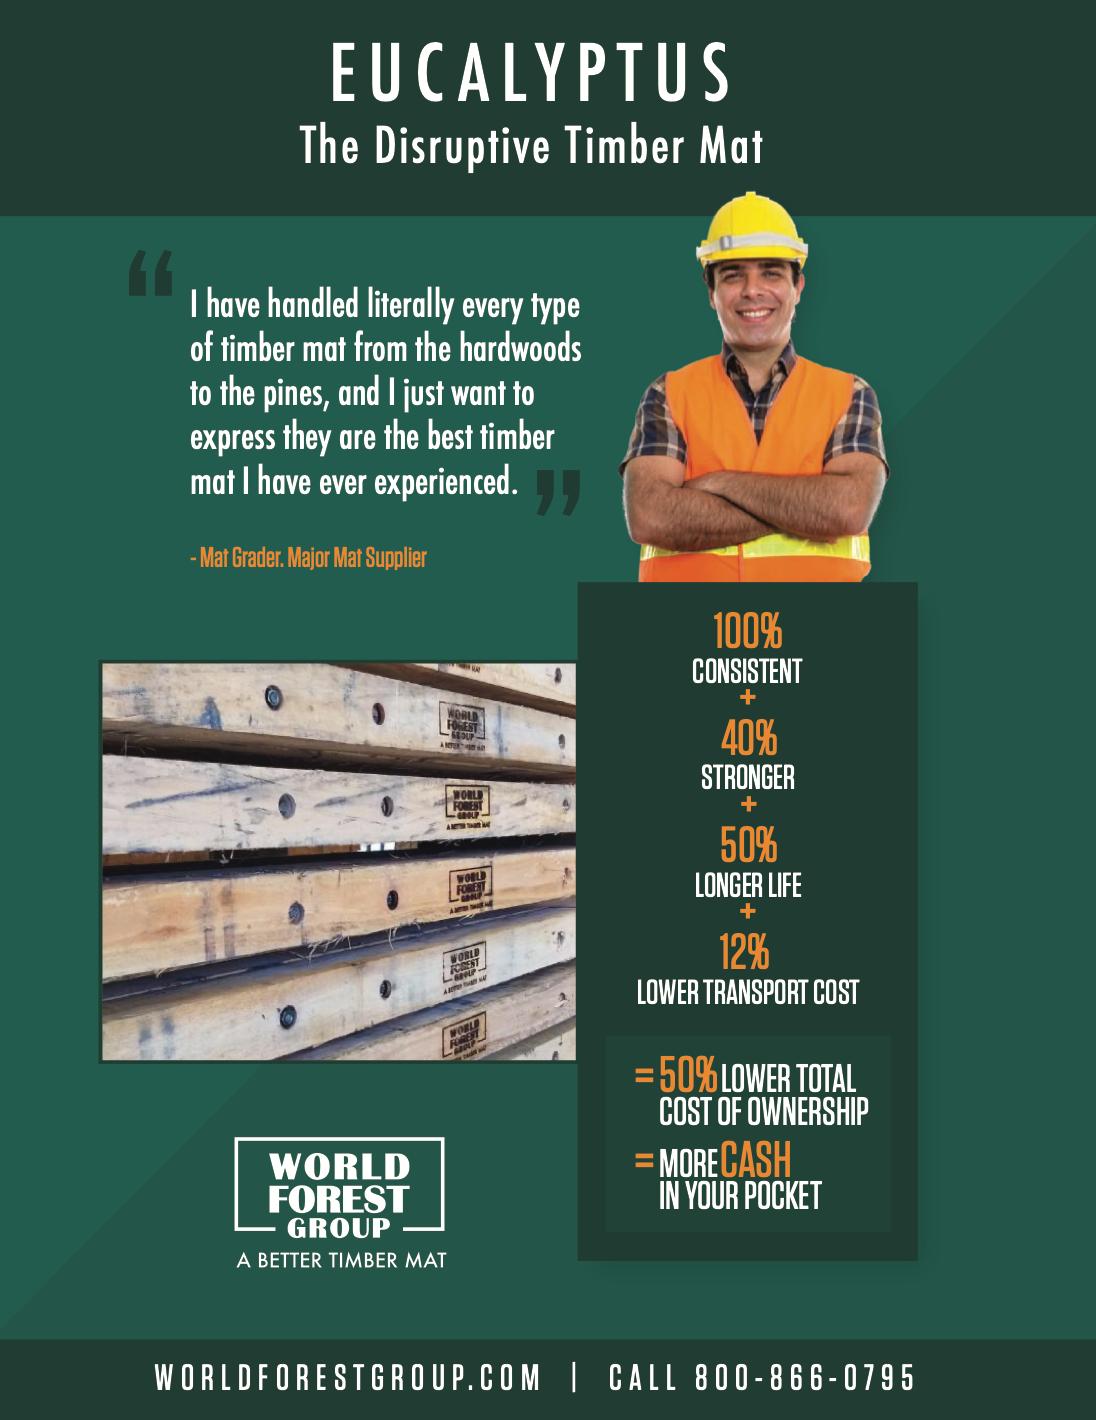 The Disruptive Timber Mat